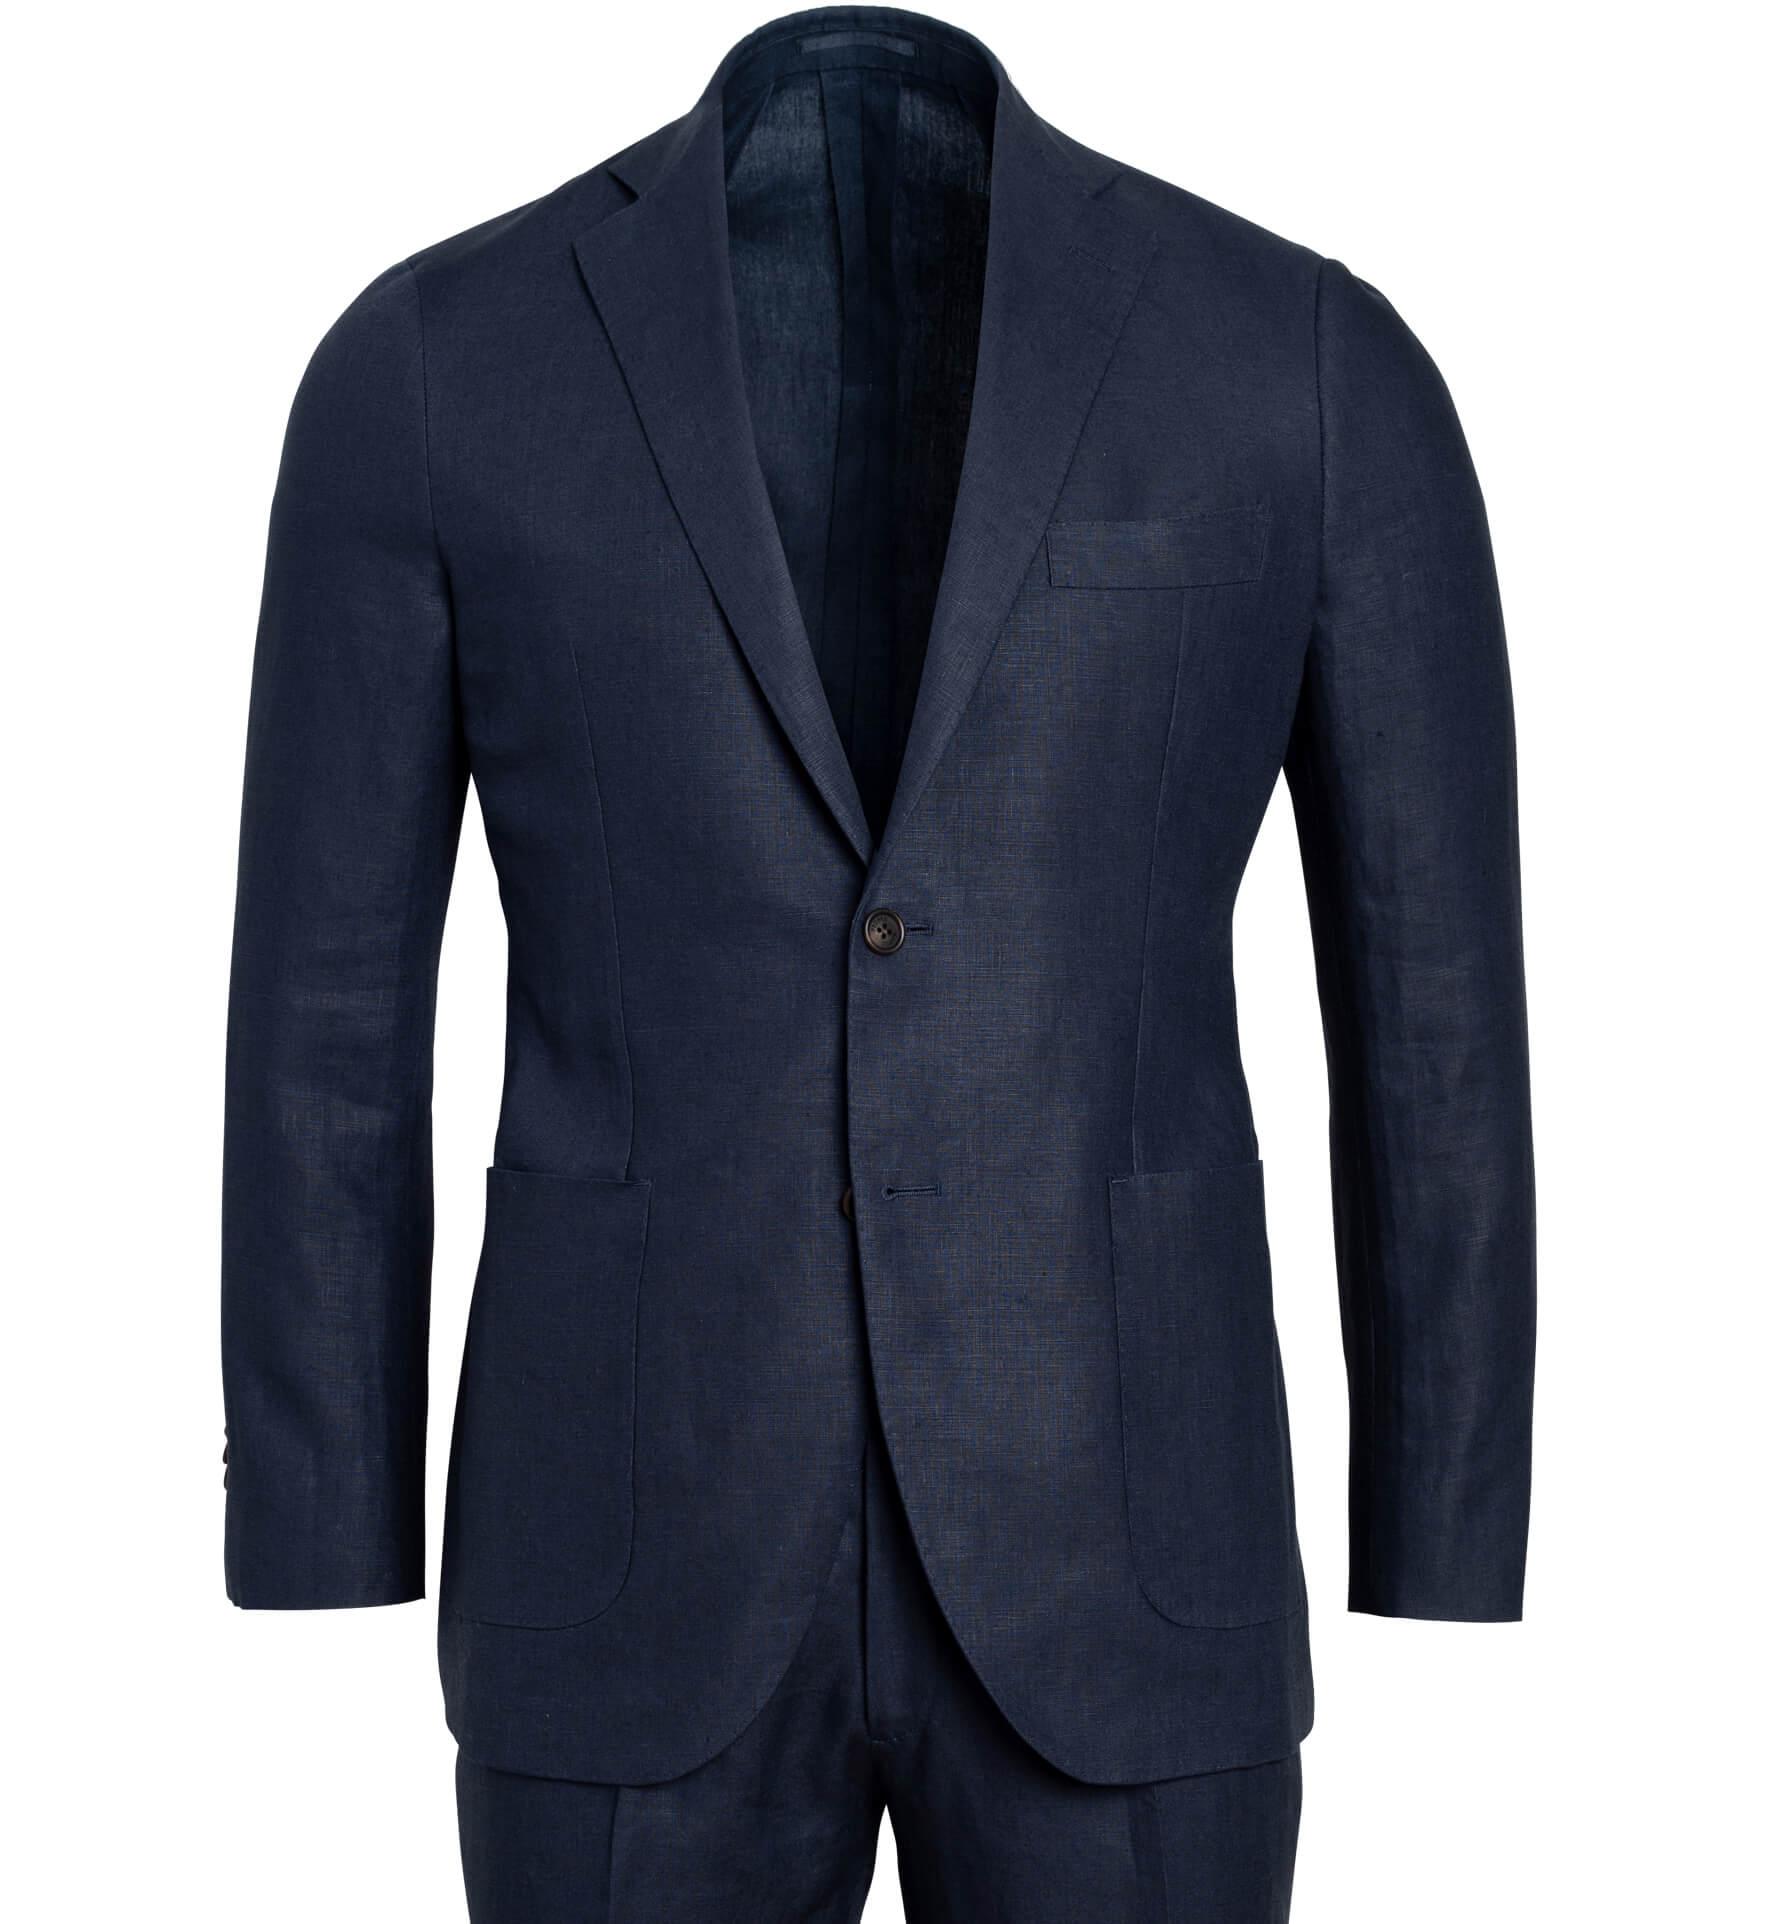 Zoom Image of Bedford Navy Irish Linen Suit